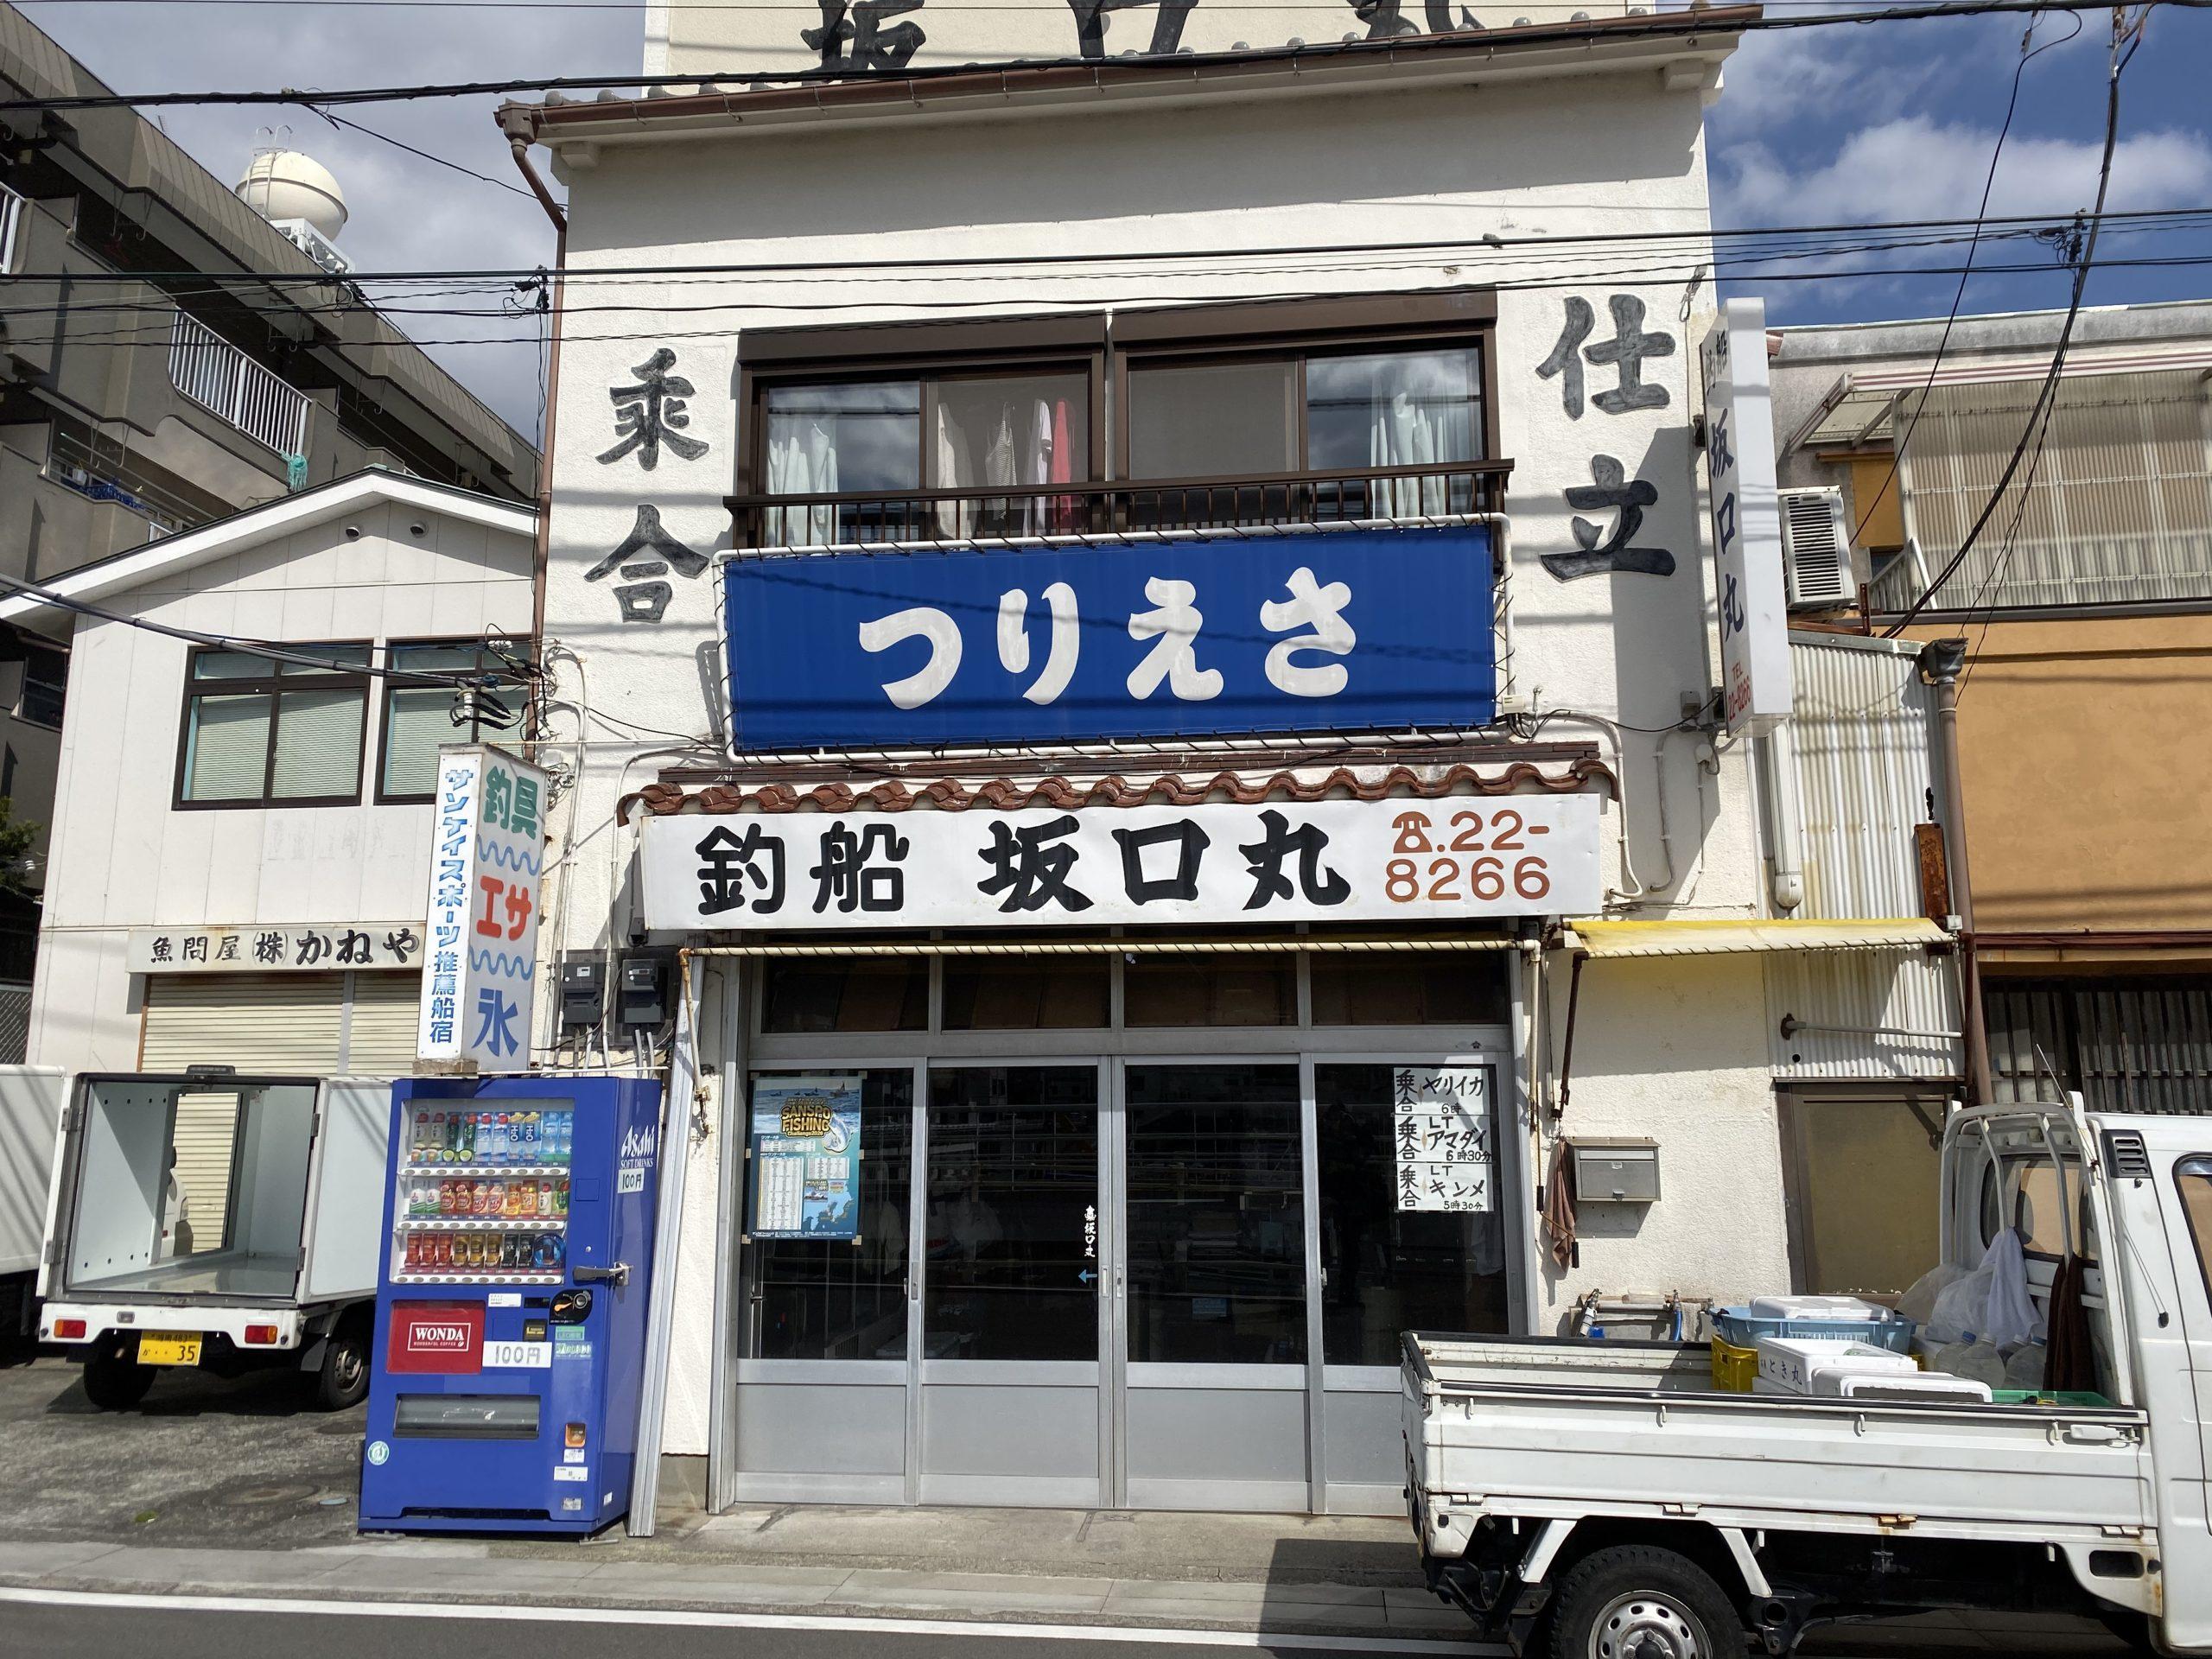 小田原港(早川港)釣具店 坂口丸